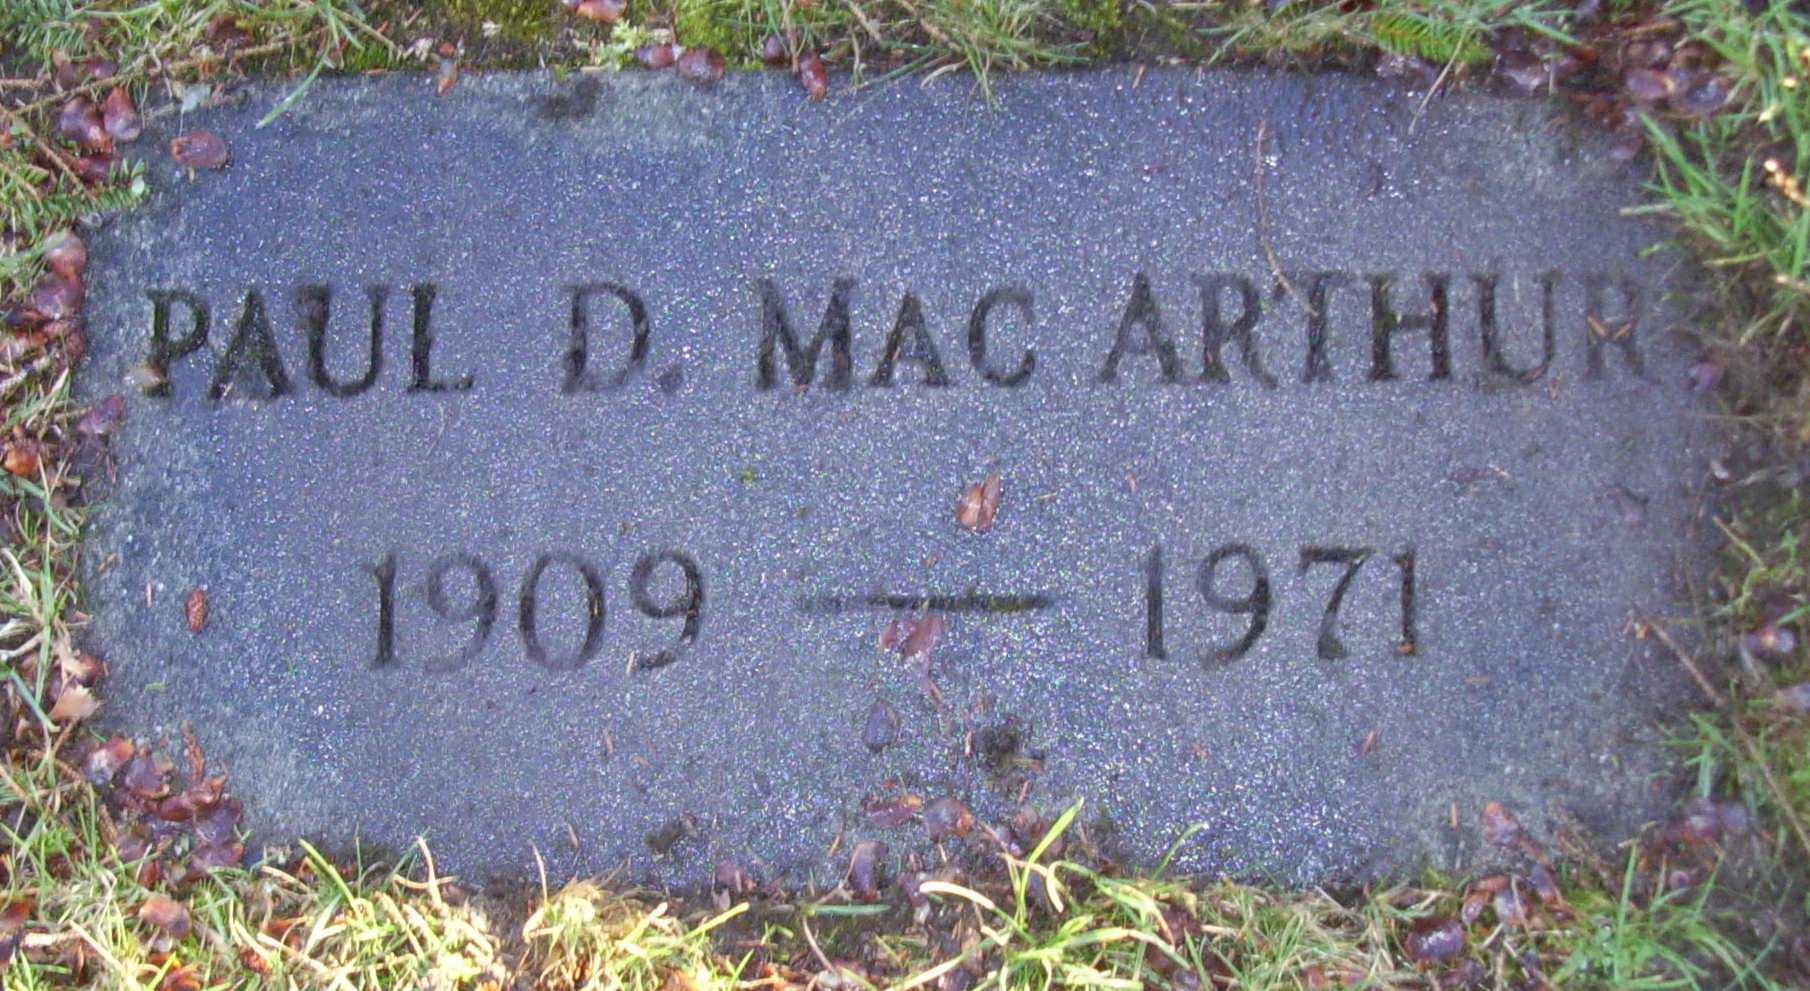 David MacArthur